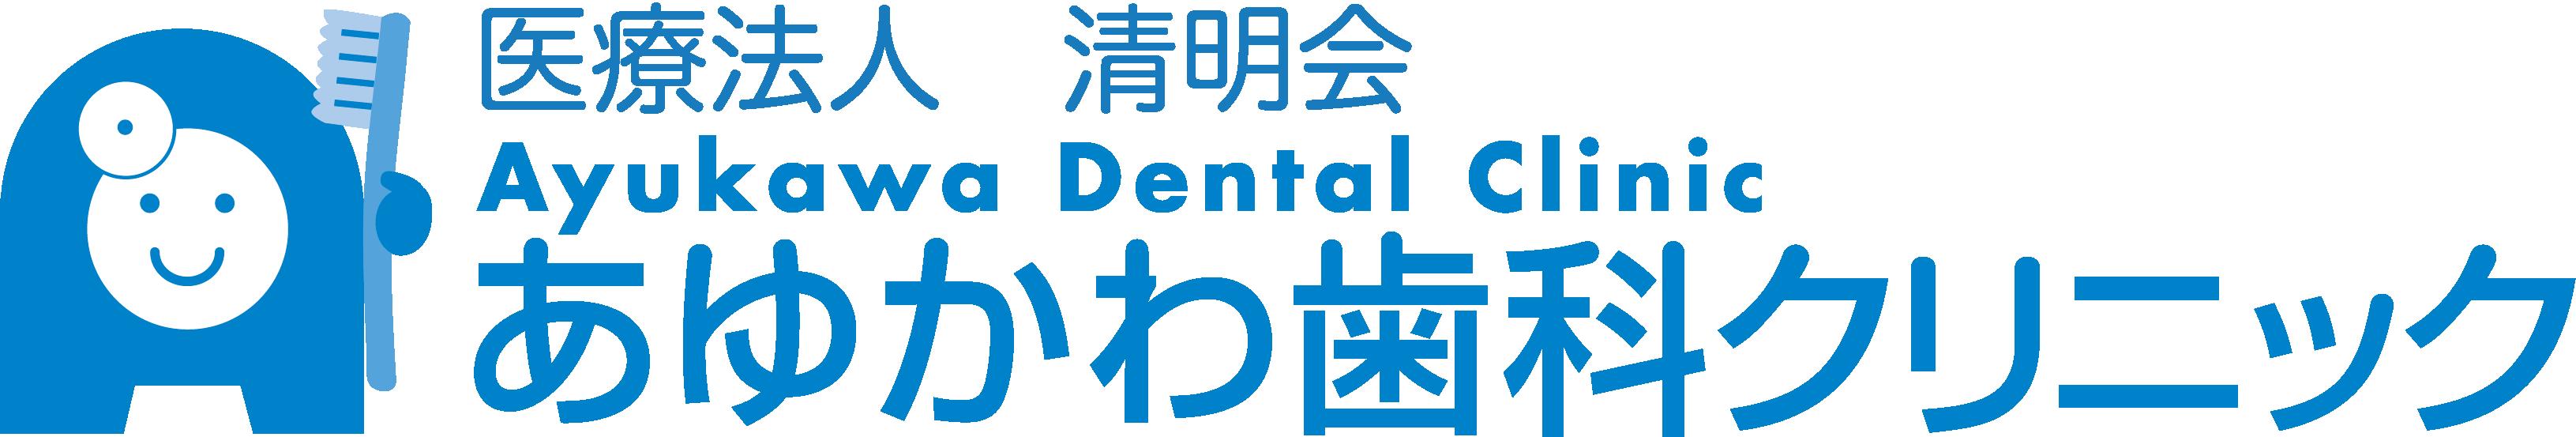 あゆかわ歯科クリニック